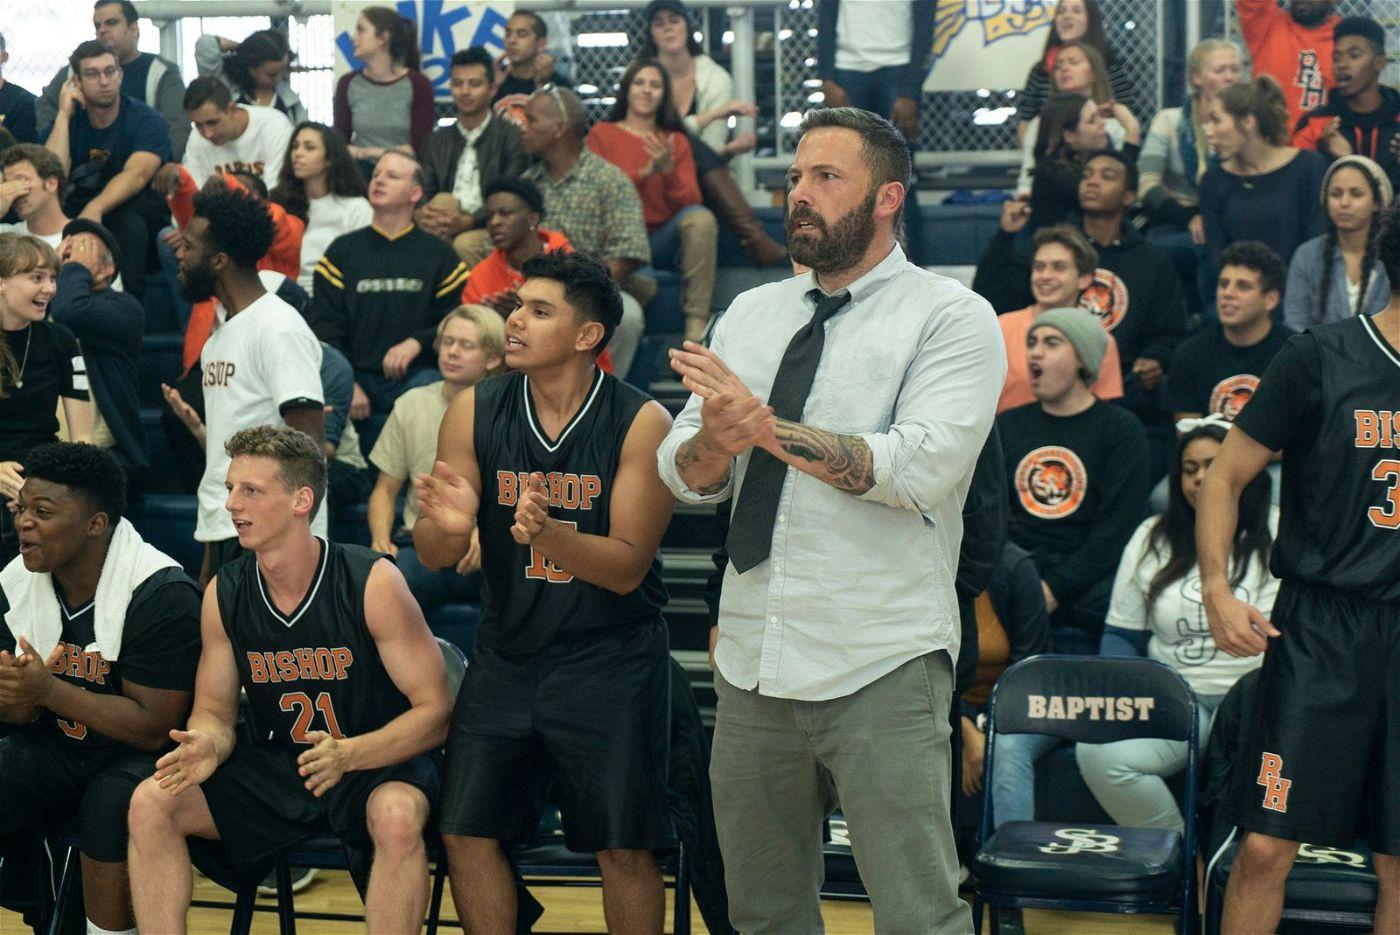 Jack (Ben Affleck) kehrt als Trainer an die Schule zurück, an der er einst als Basketball-Star gefeiert wurde.